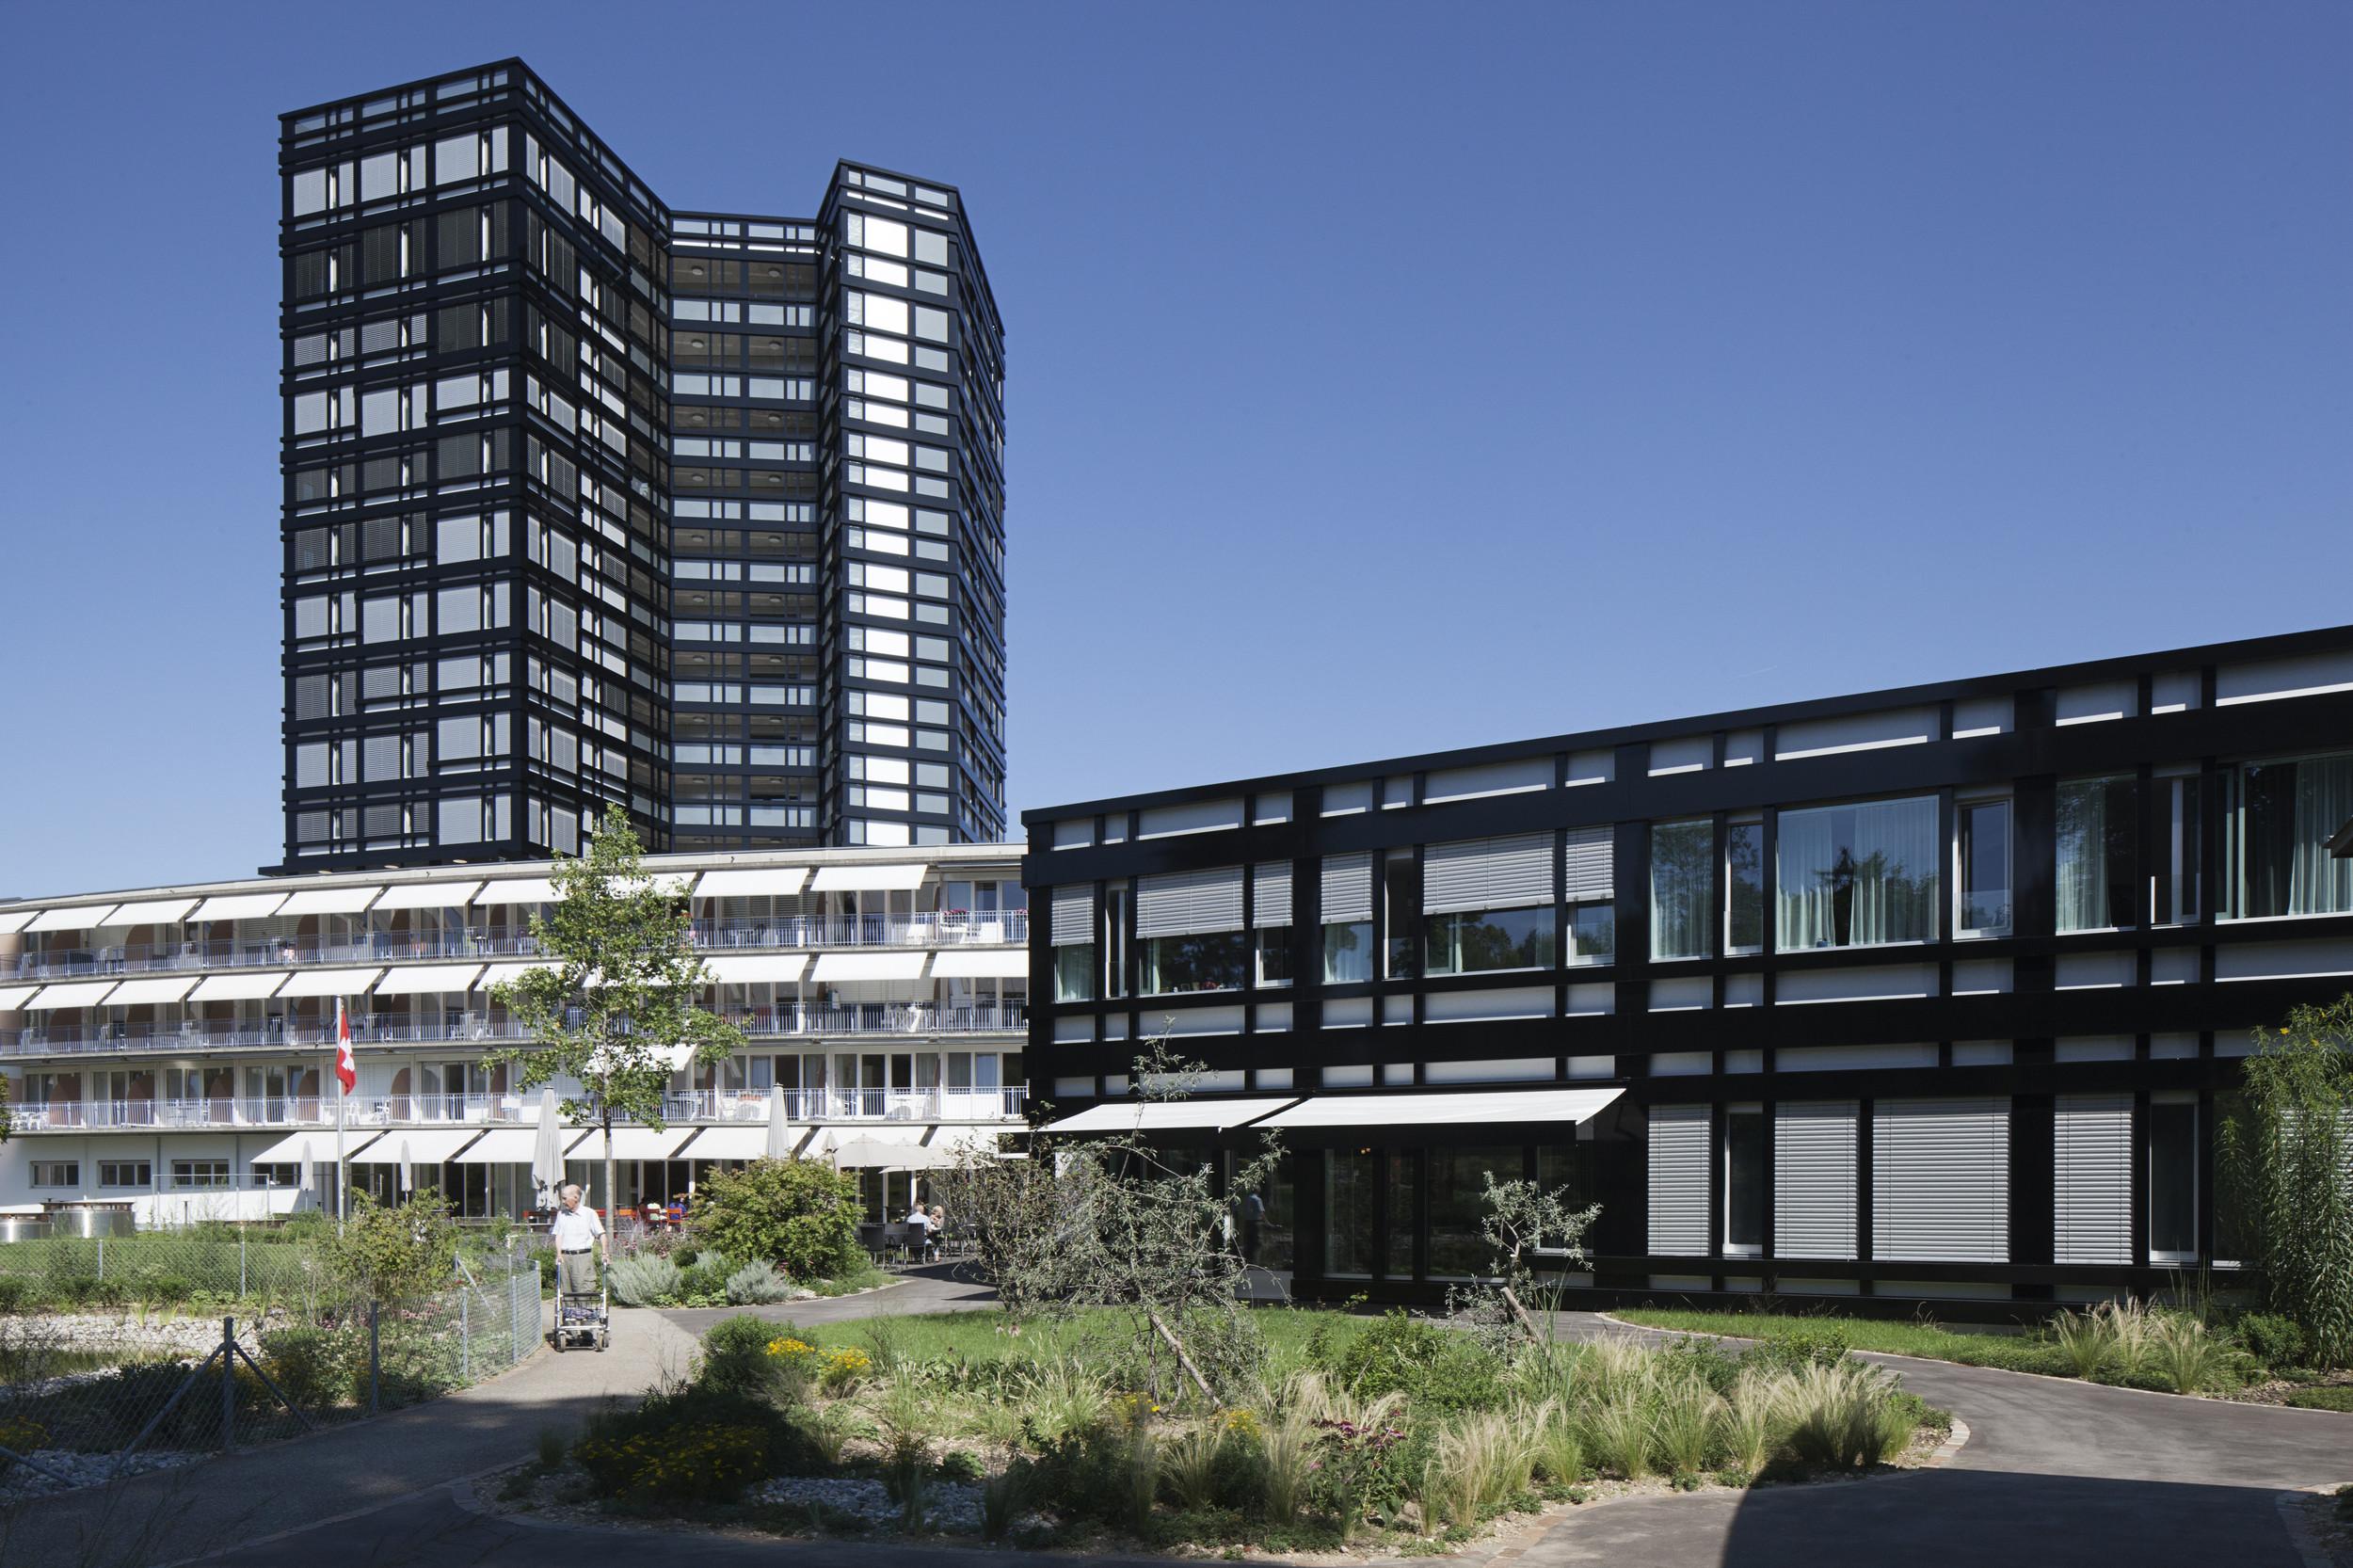 mehrgeschossiges Gebäude mit 2-teiligem 2 und 3-geschossigem Gebäude davor